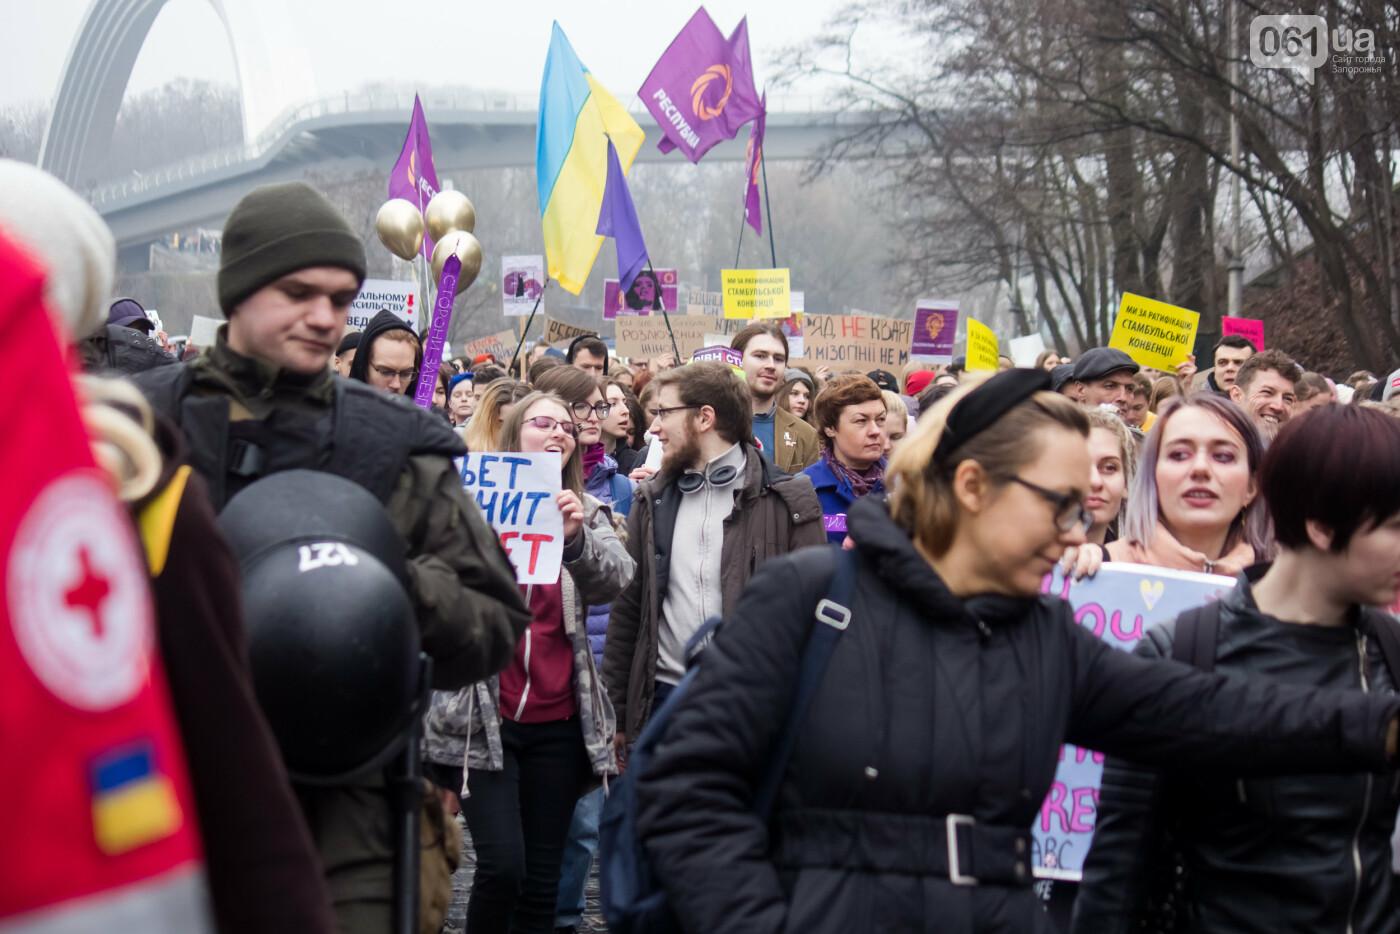 5 историй запорожцев, которые вышли на Марш женщин в Киеве: почему для них это важно, - ФОТОРЕПОРТАЖ, фото-28